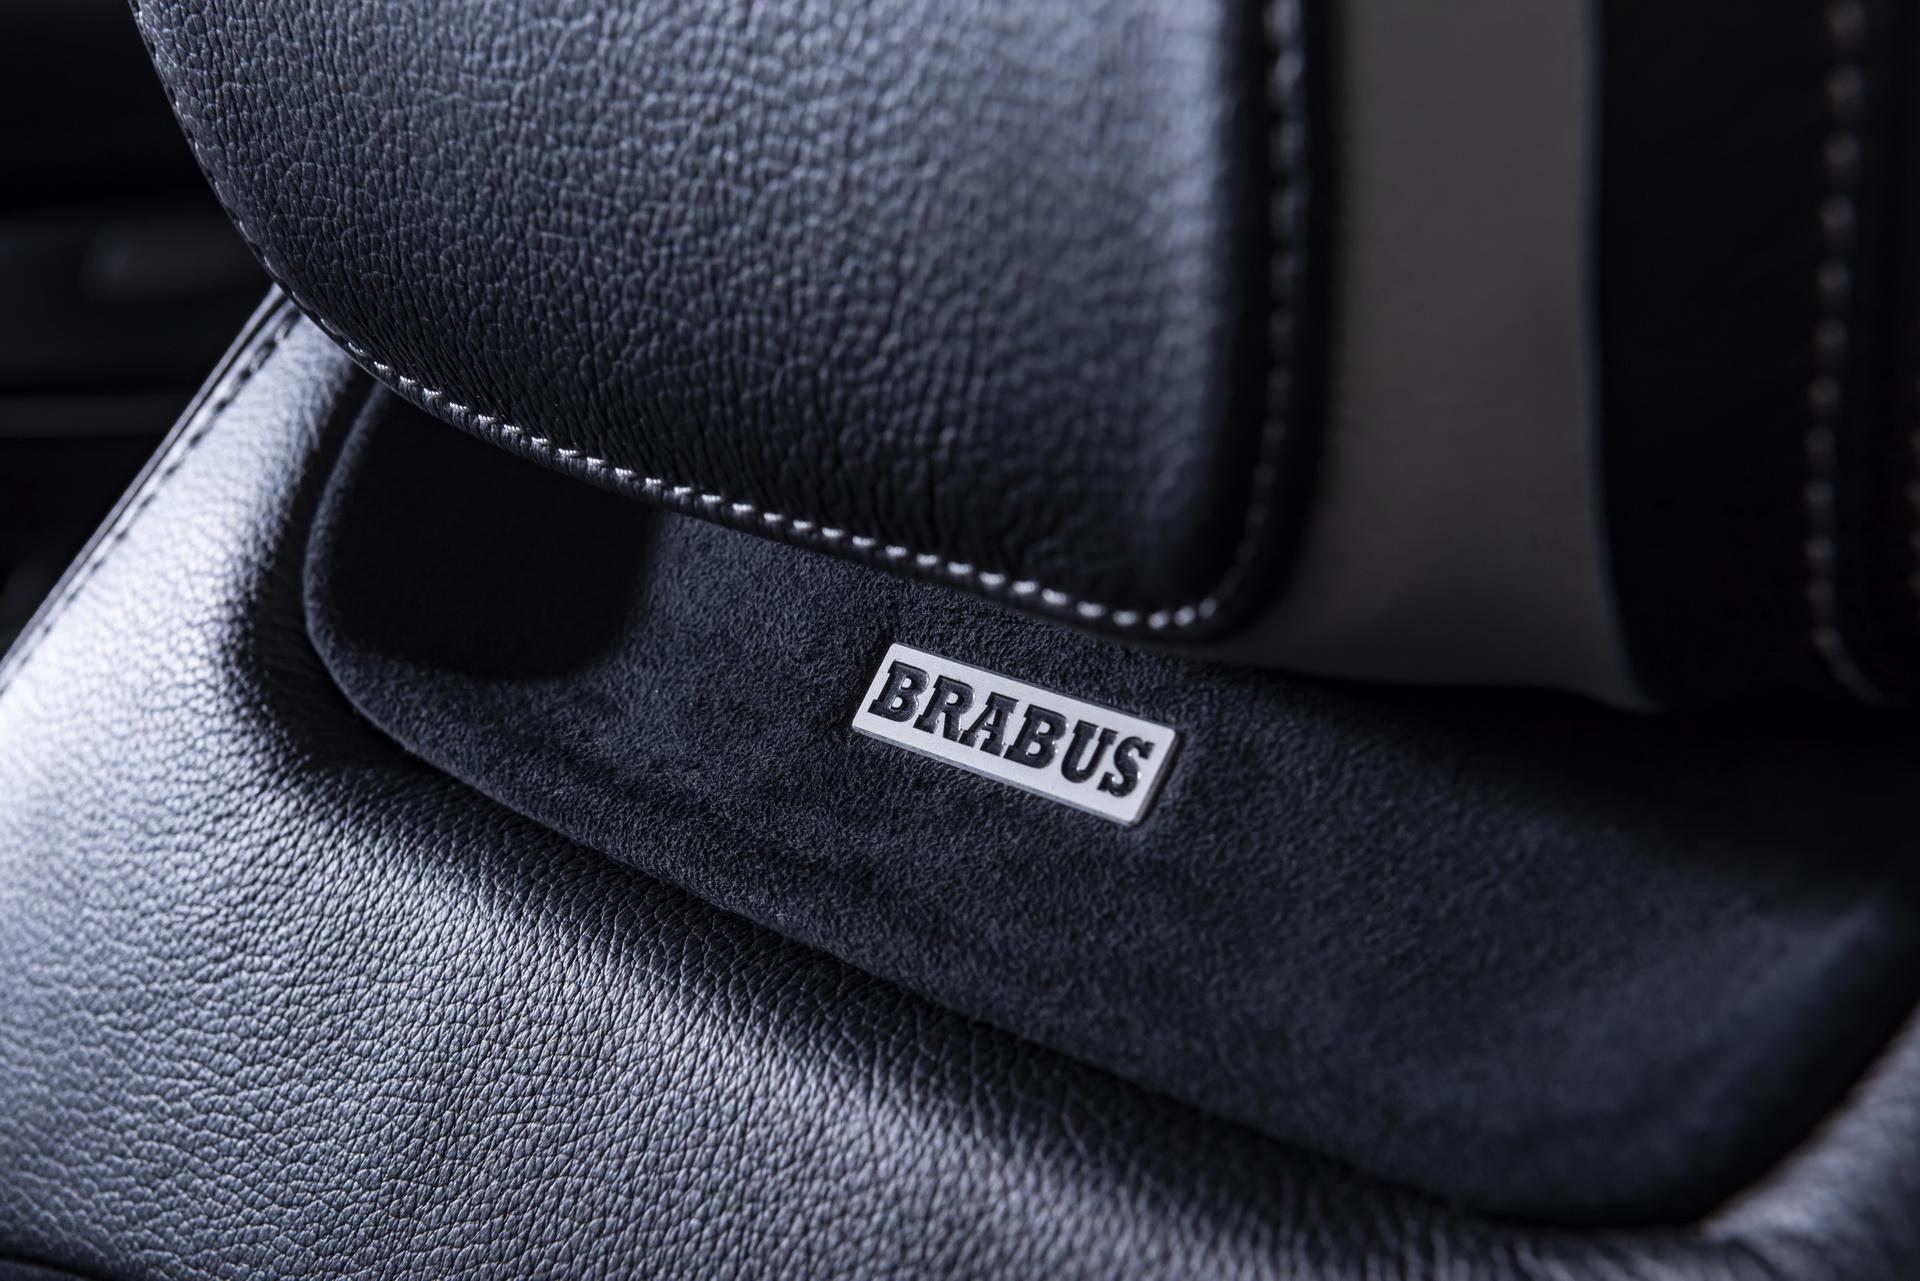 Brabus Stitching